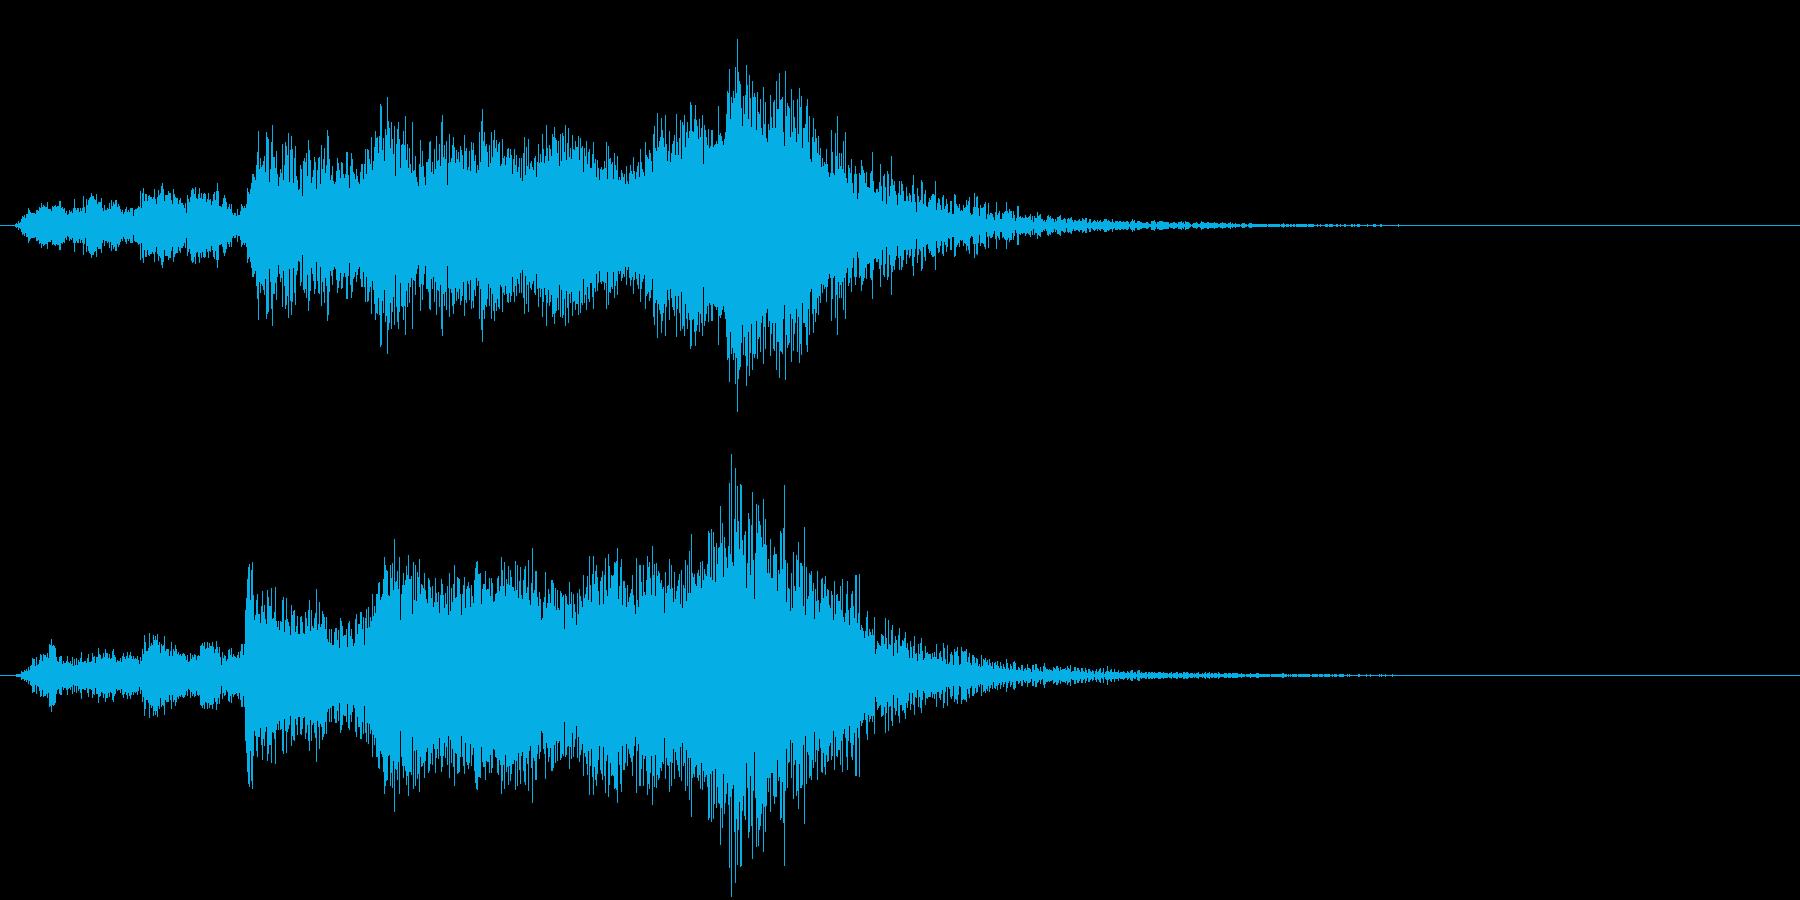 サウンドロゴ・スポーツ向けファンファーレの再生済みの波形